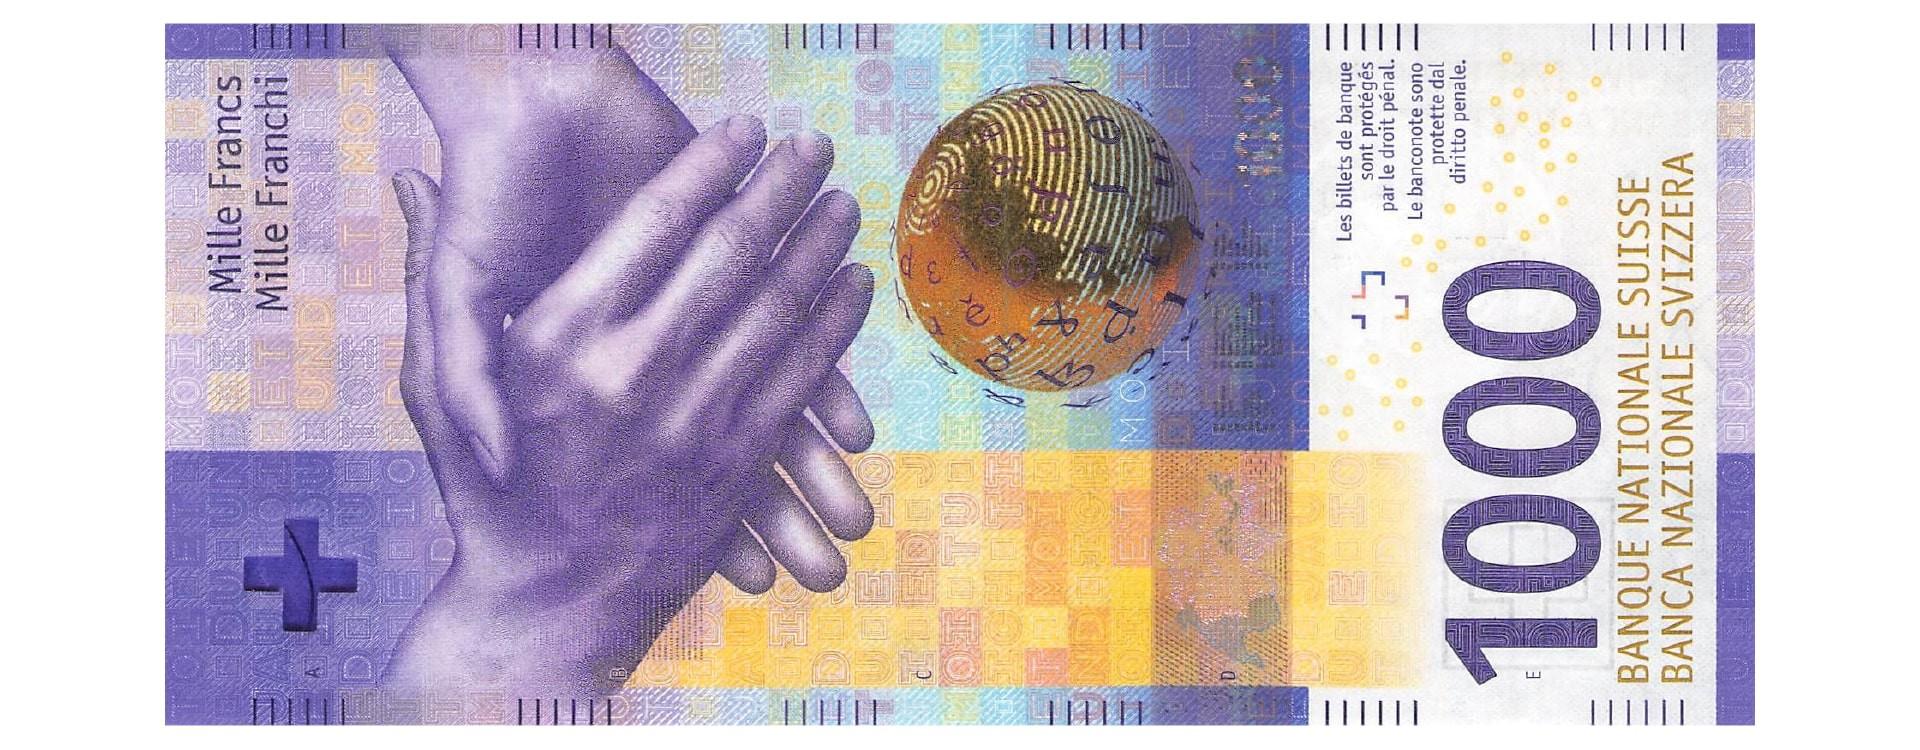 Le nouveau billet de 1000 francs suisse